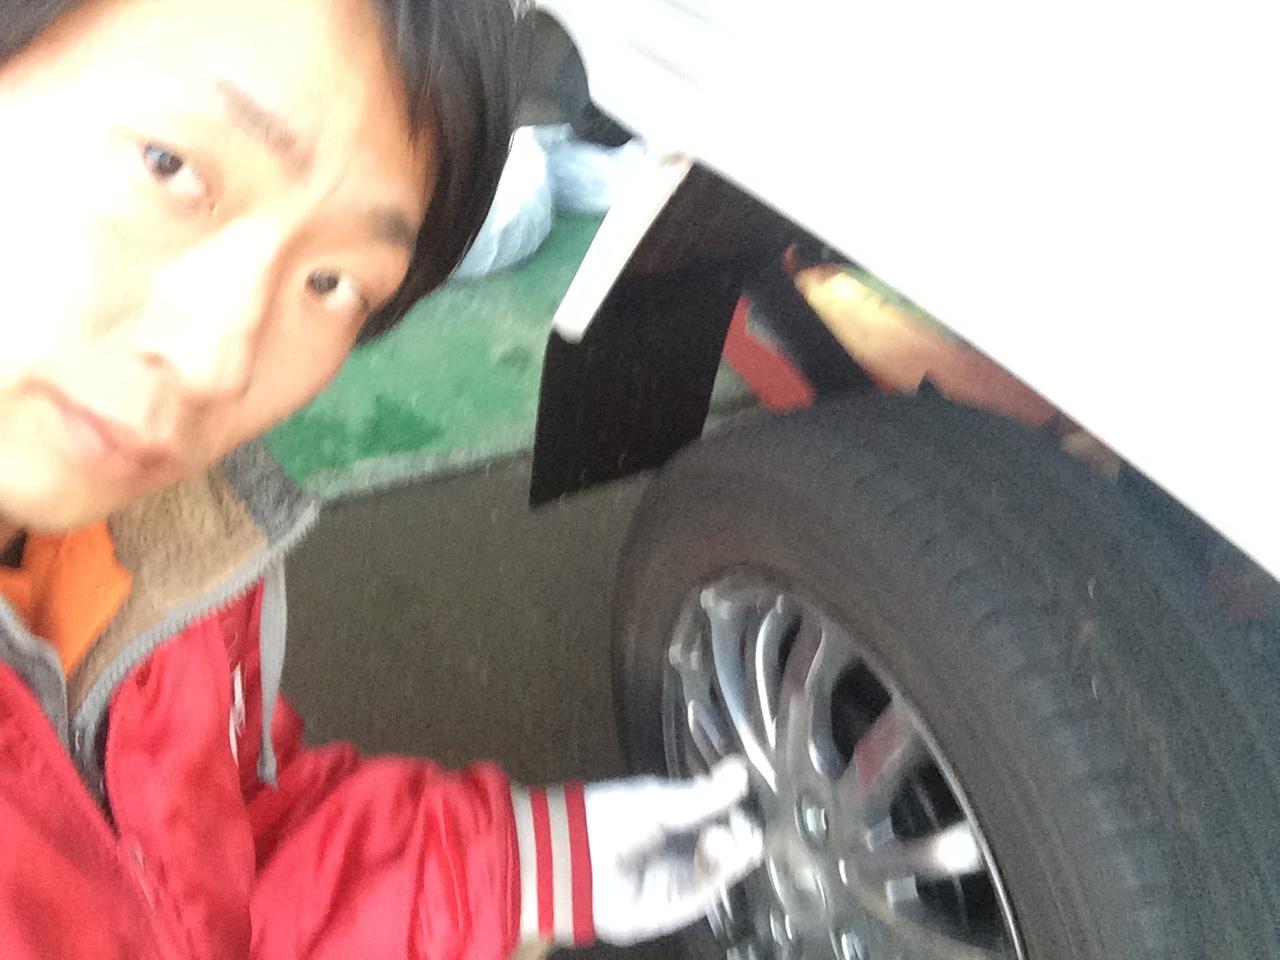 10月24日(金)トミーアウトレット☆グッチーブログ♪納車祭り!!軽自動車♪100万以下車☆_b0127002_18374363.jpg